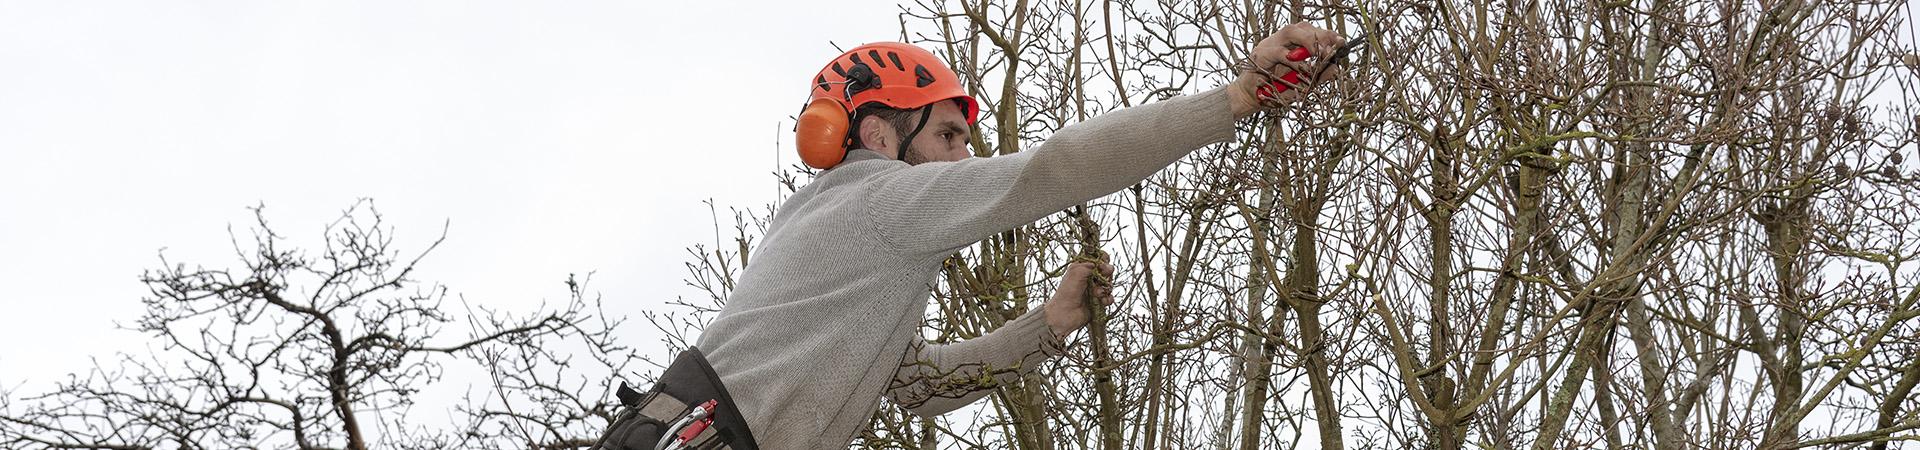 en man beskär ett träd.